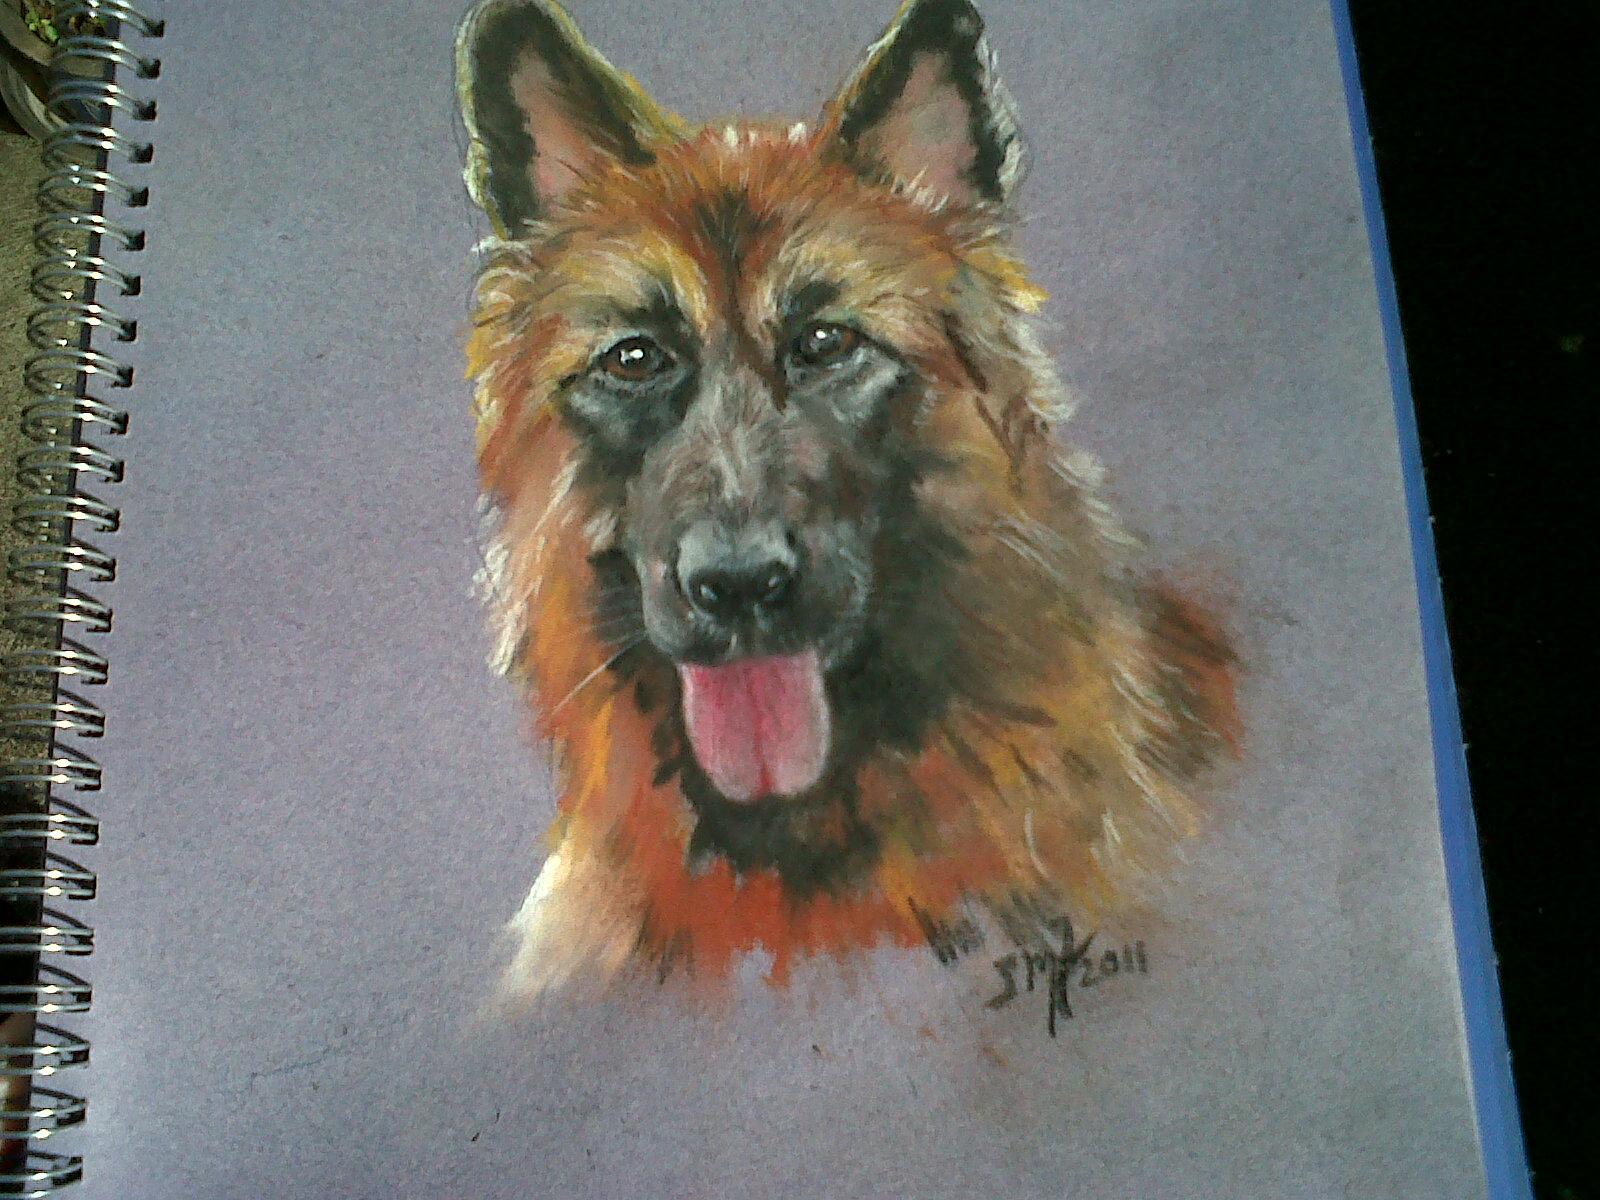 Drawn hawk german Shepherd Drawings Dreamwalker's German Pastel